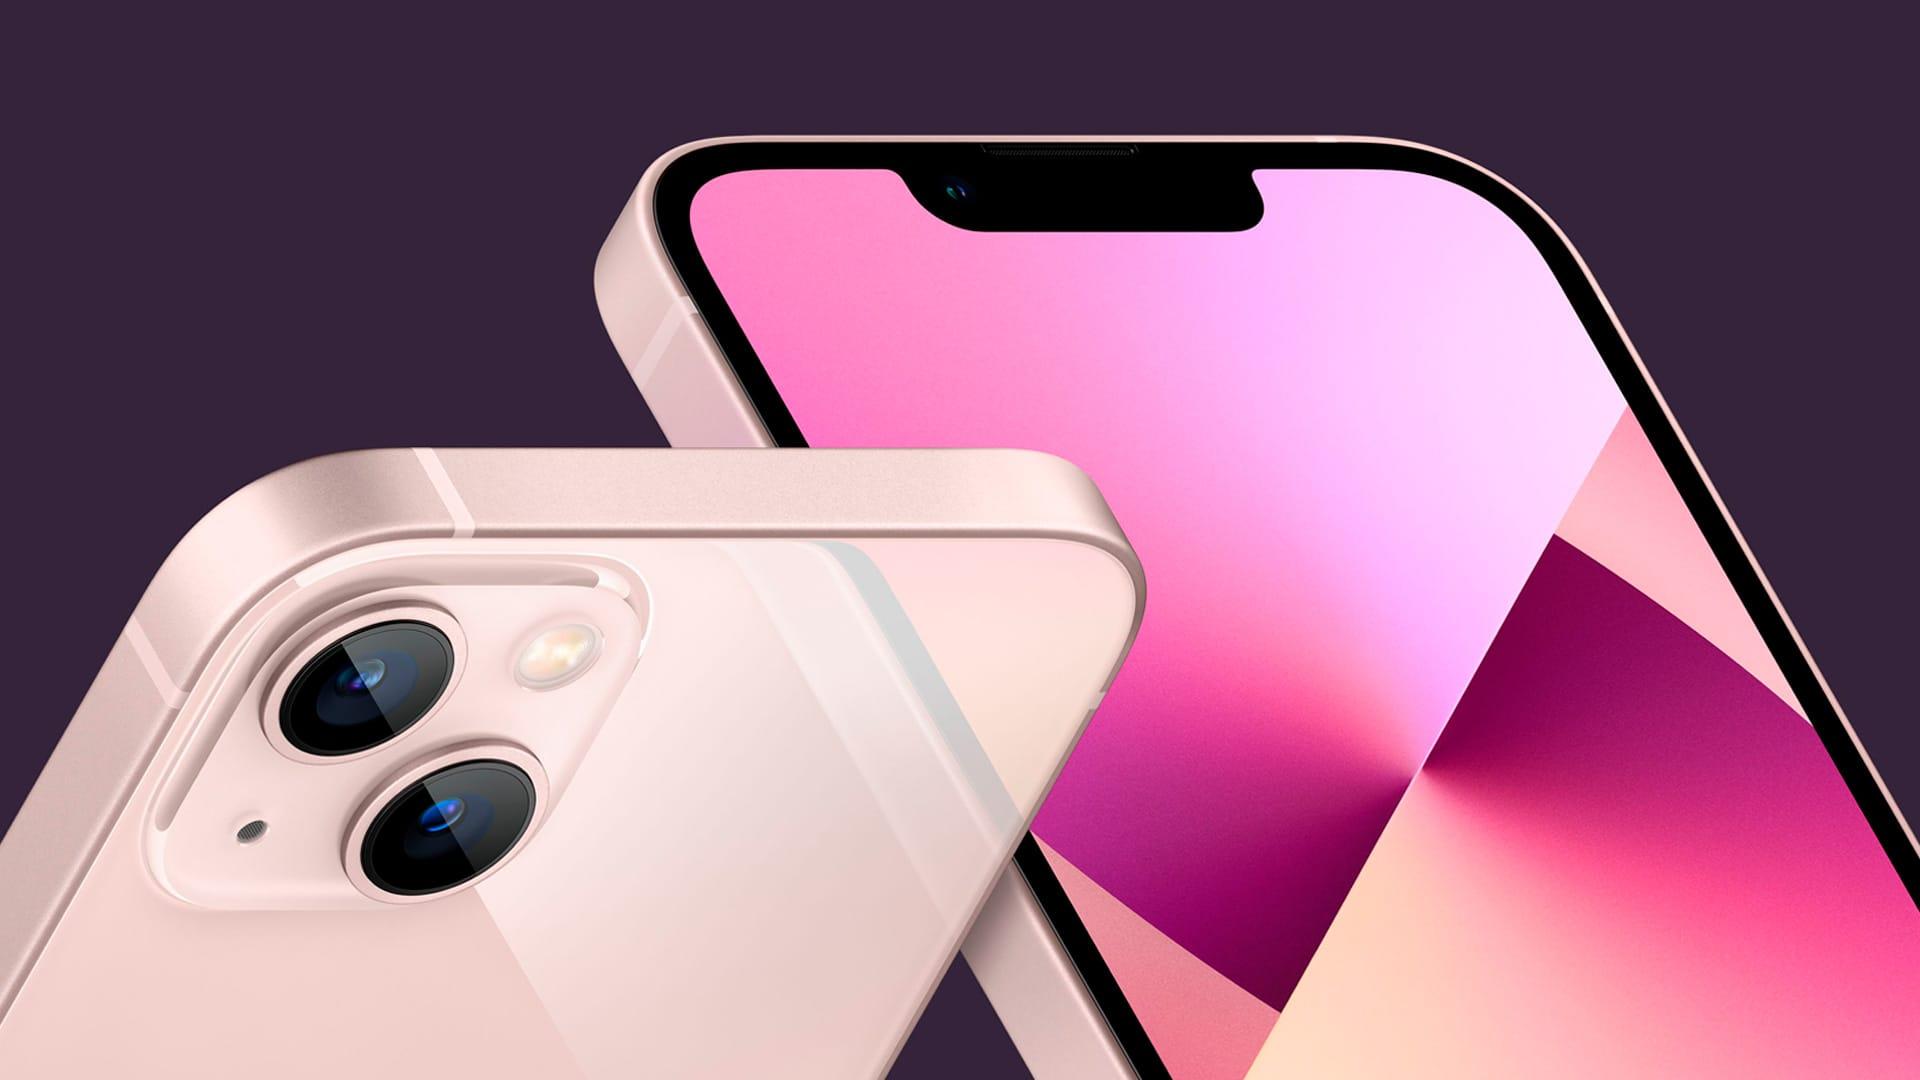 Comprar el iPhone 13 Yoigo; tarifas y precio